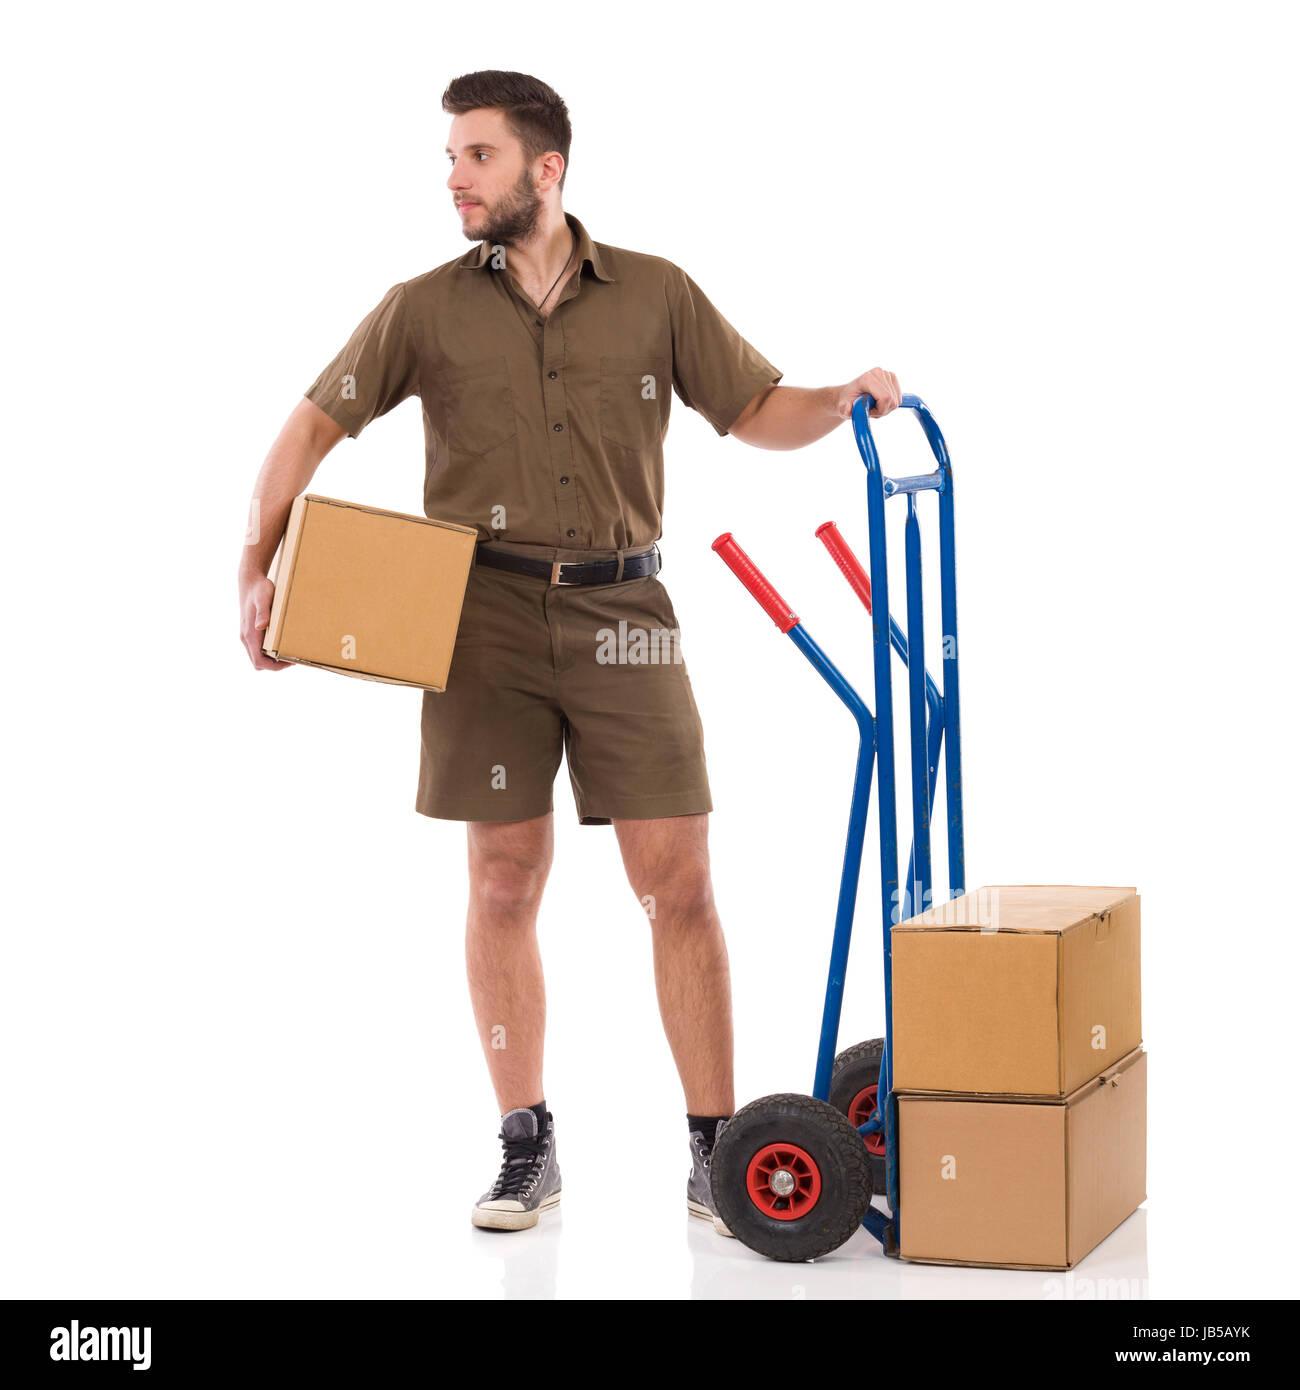 Courrier mâle est debout près de push cart, holding paquet sous le bras et à la voiture. Studio pleine longueur Banque D'Images